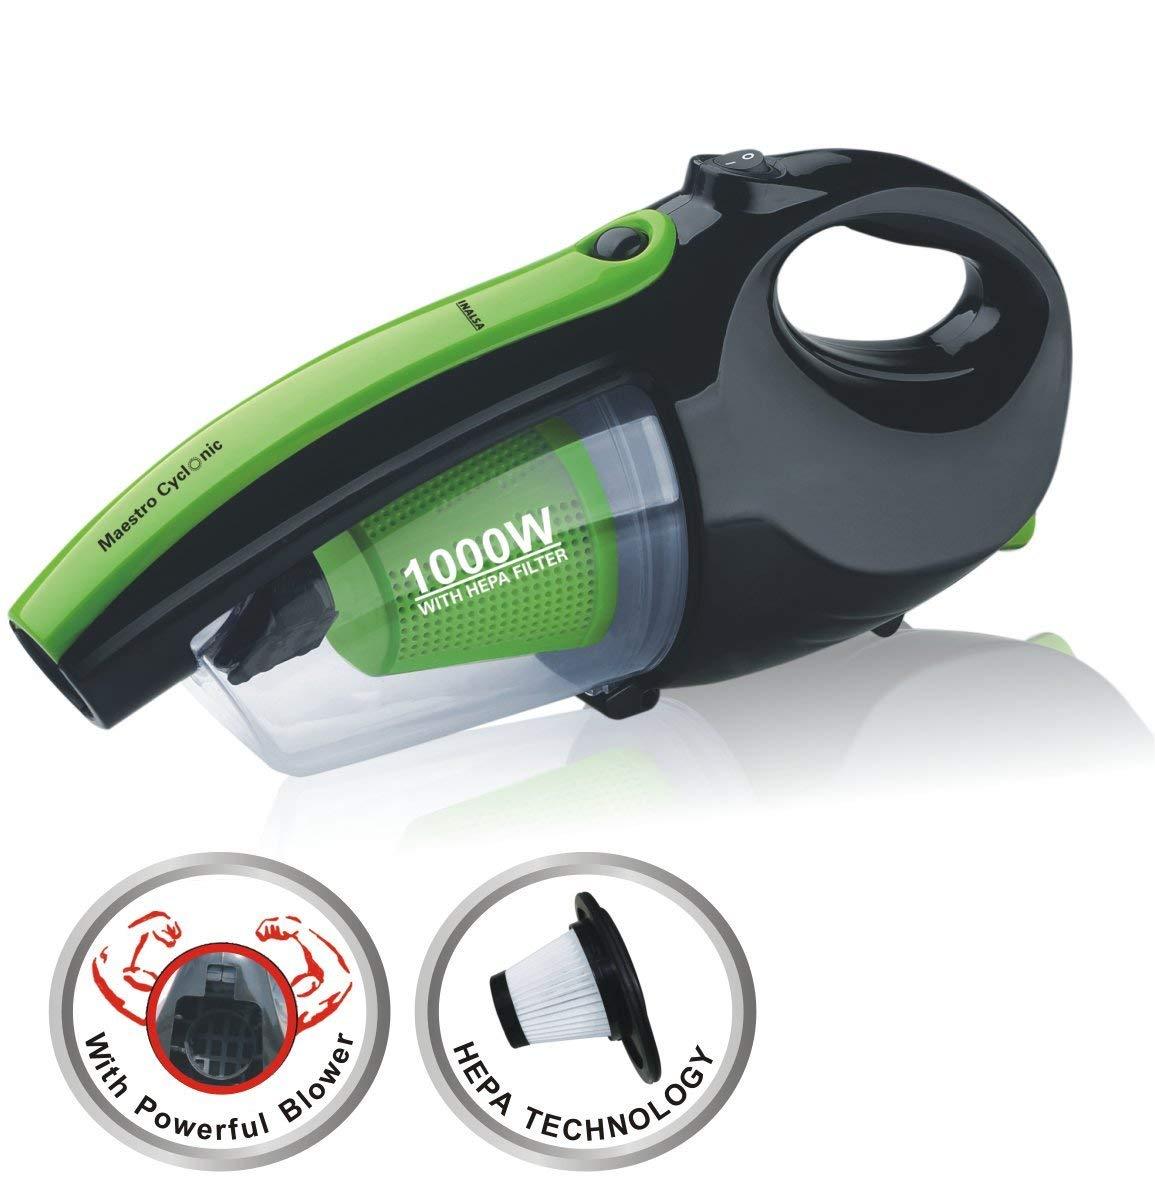 Inalsa Maestro Cyclonic 1000-Watt Vacuum Cleaner